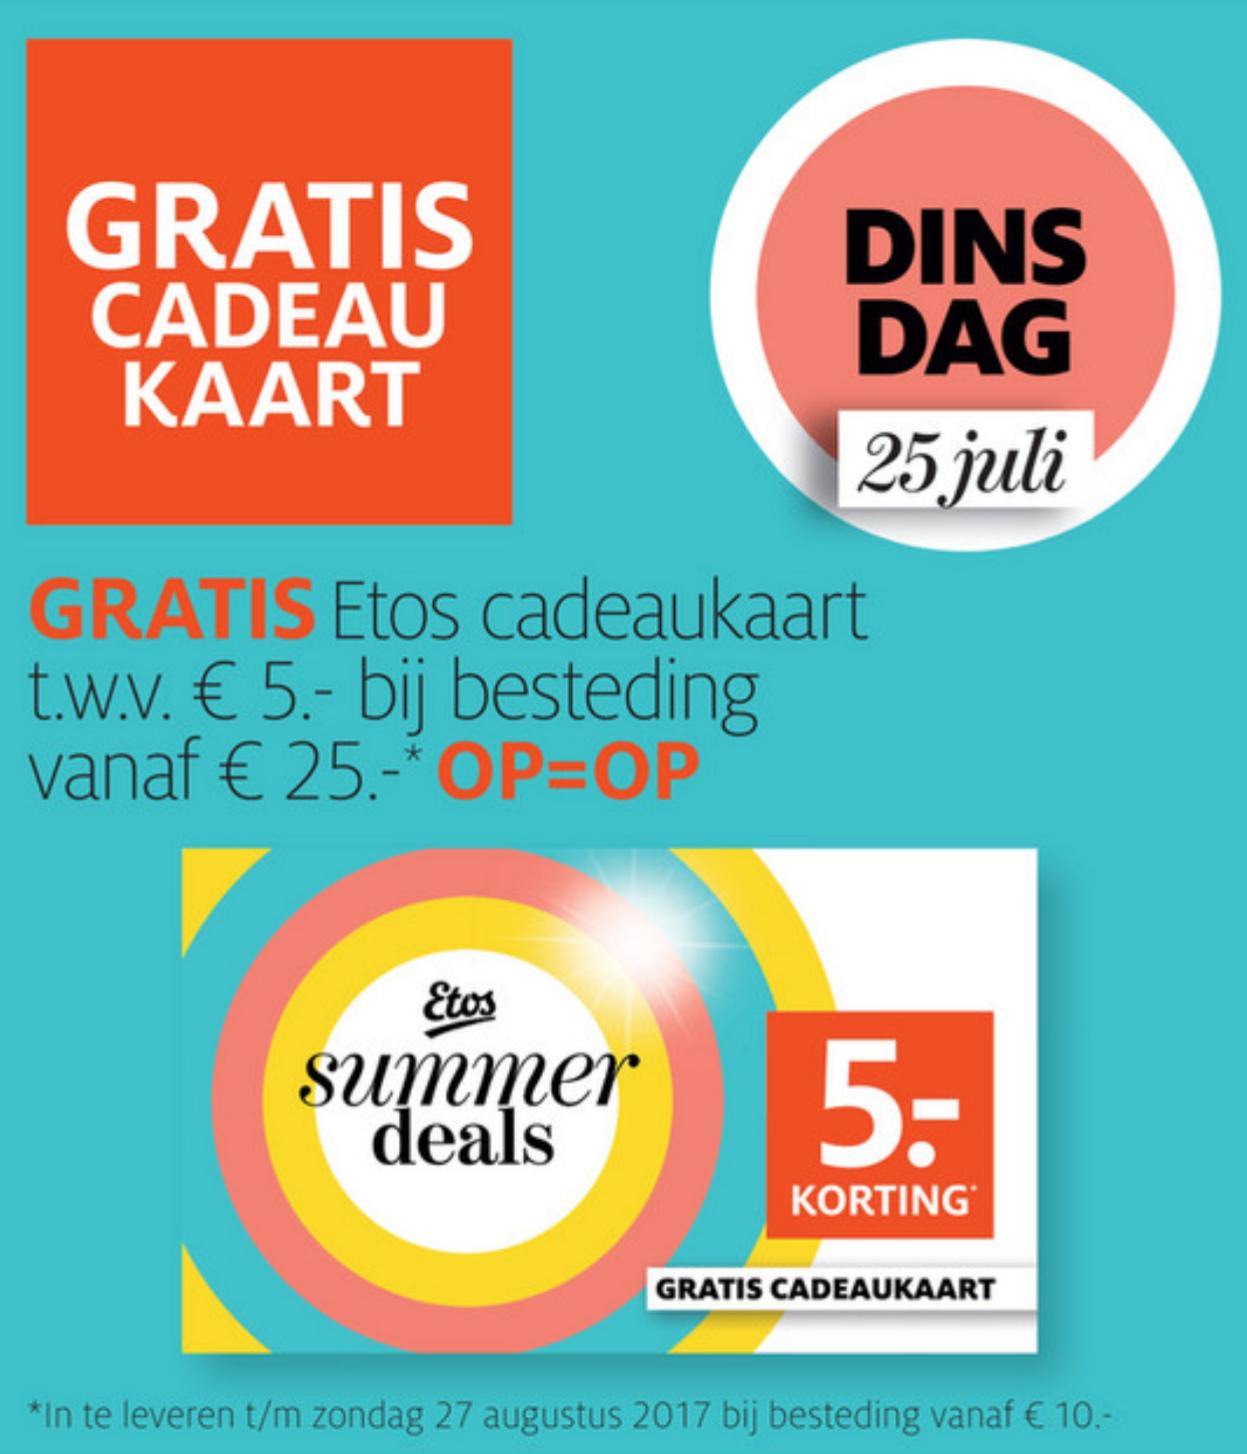 Vandaag gratis €5 cadaukaart bij een besteding vanaf €25 @ Etos